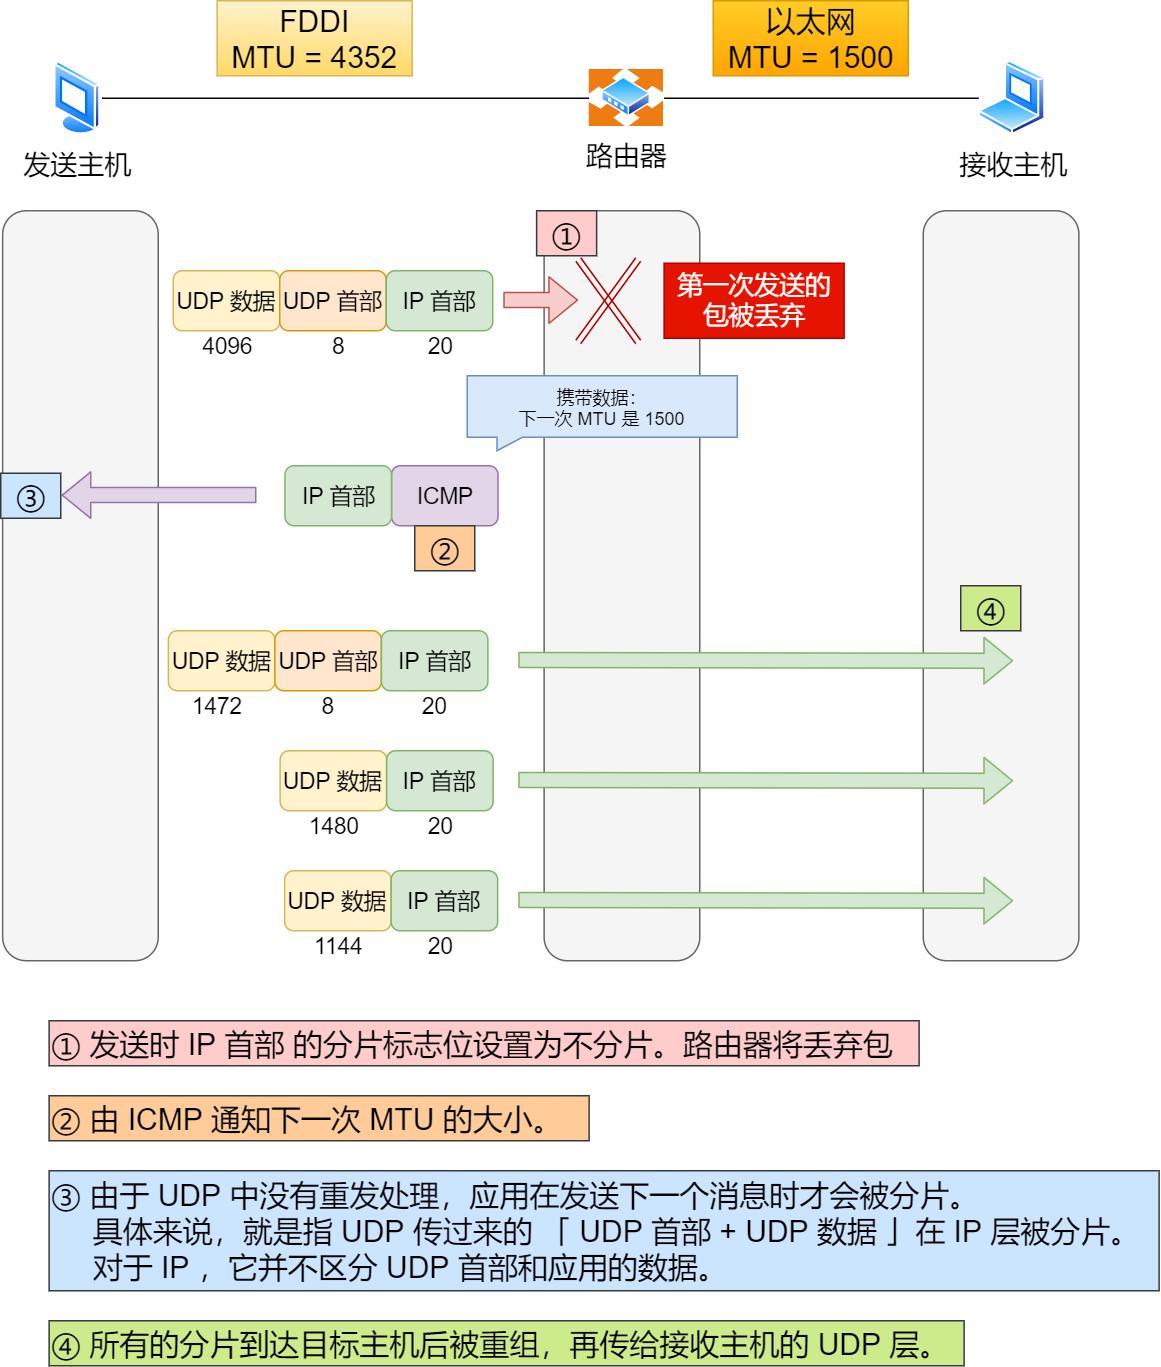 MTU 路径发现(UDP的情况下)